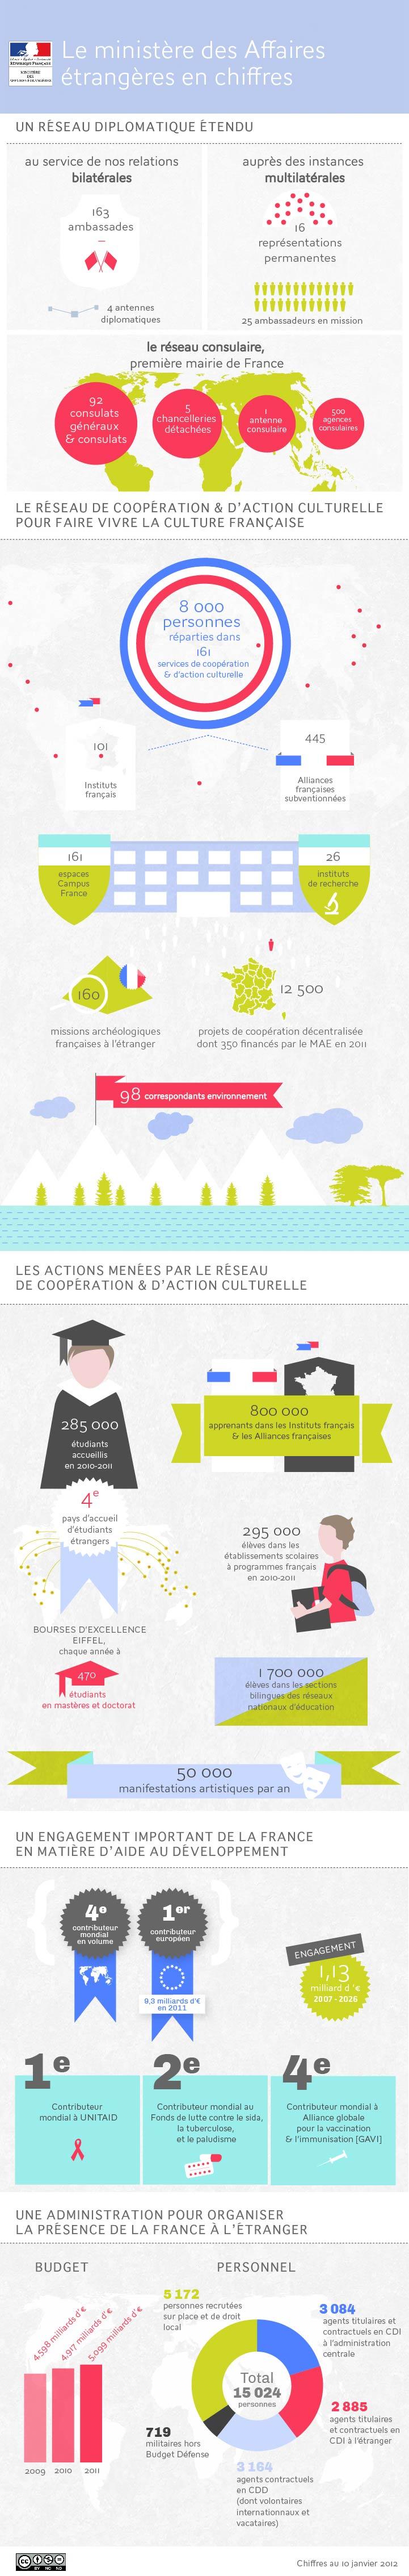 infographie-ministere-affaires-etrangères